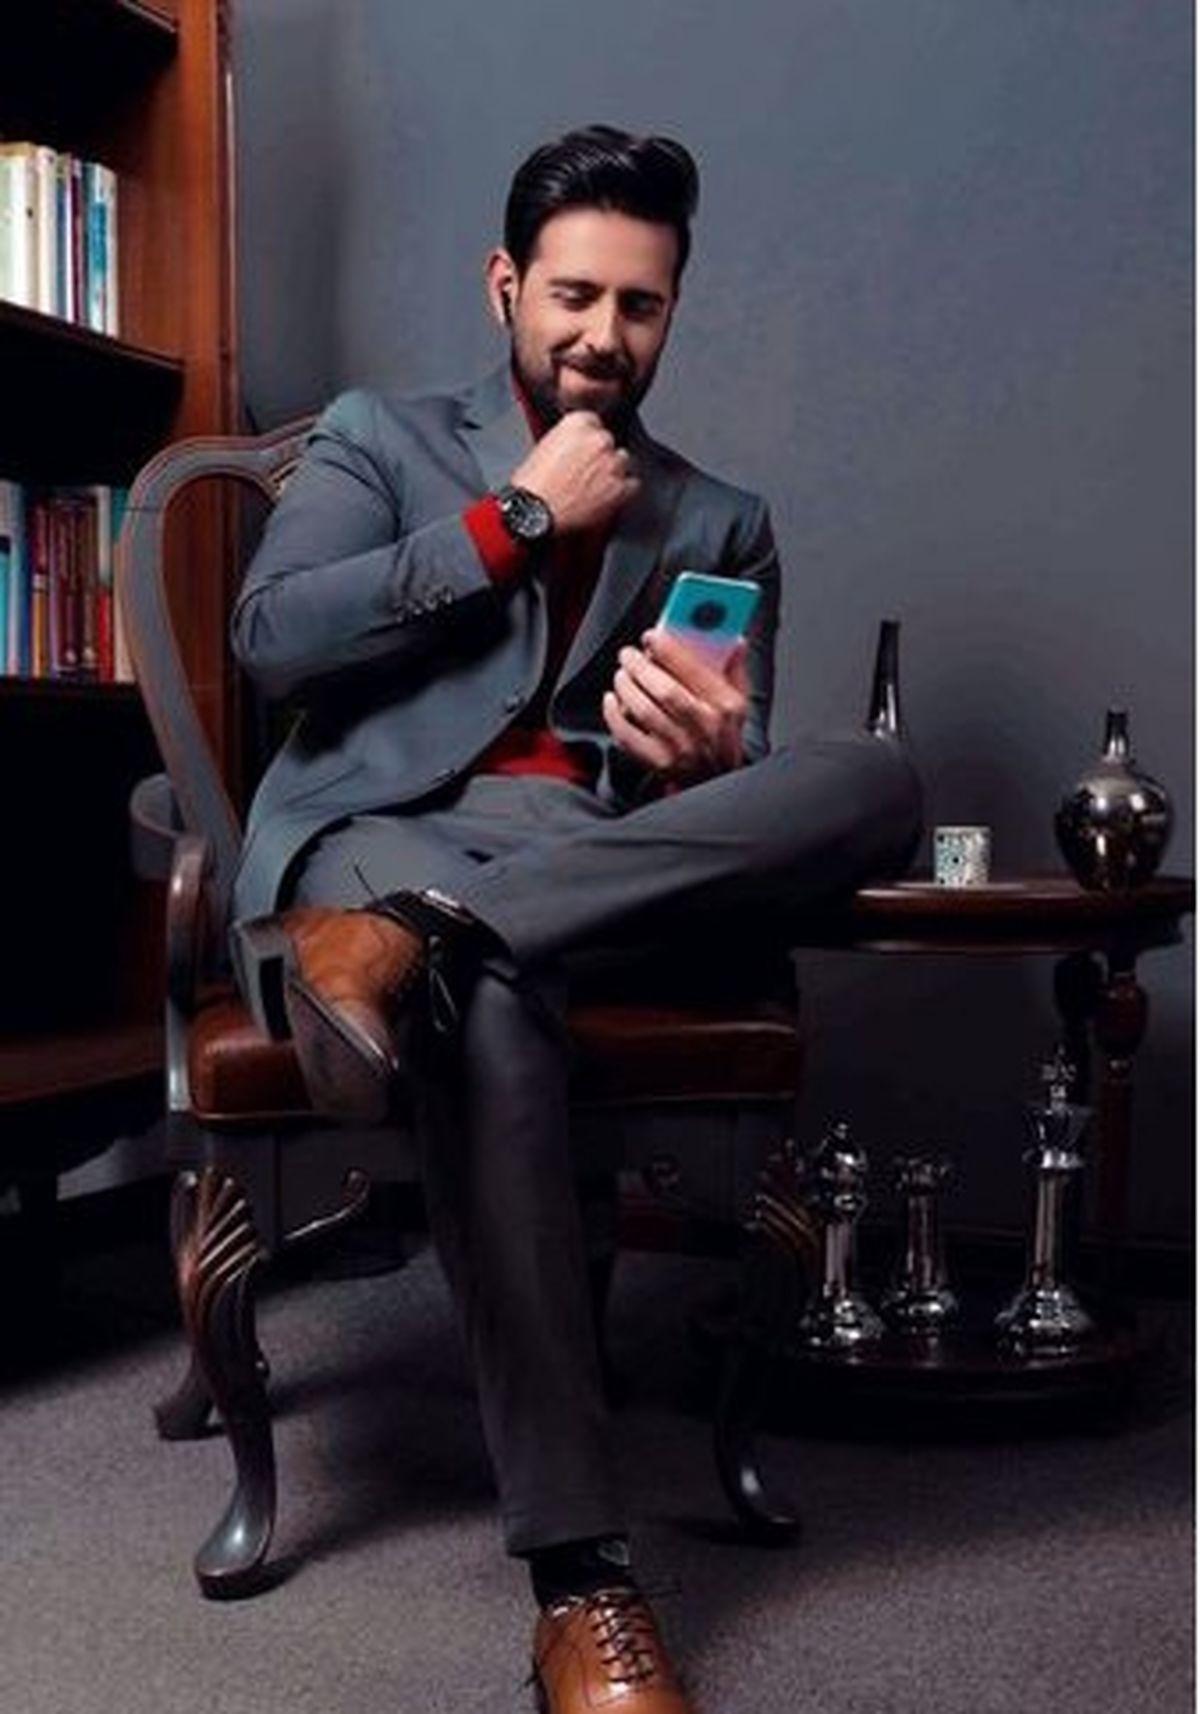 امیرحسین آرمان در رستوران لاکچری + عکس